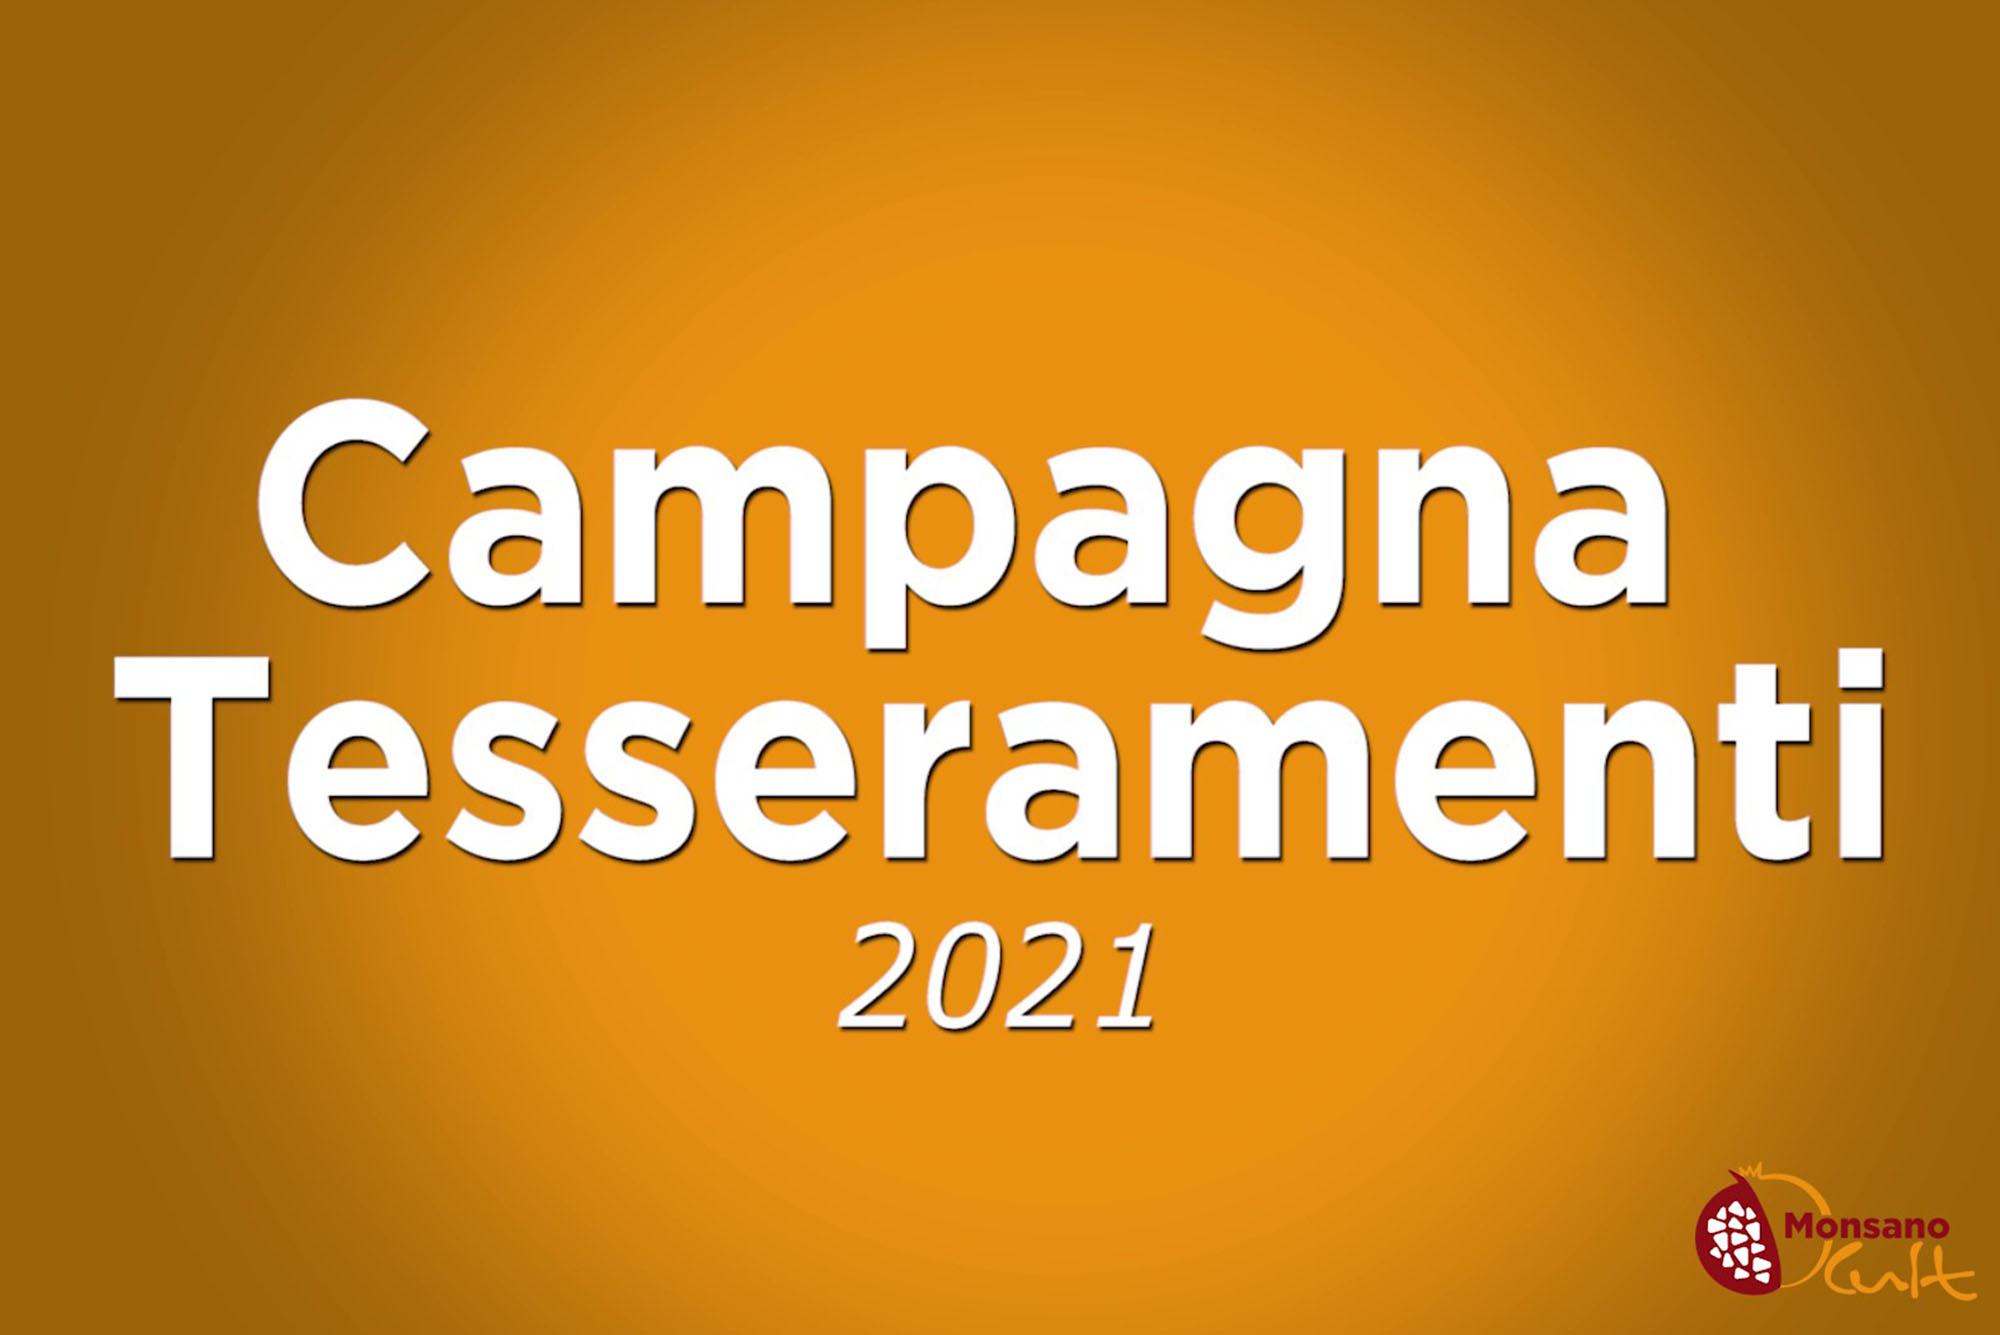 Campagna Tesseramenti 2021!